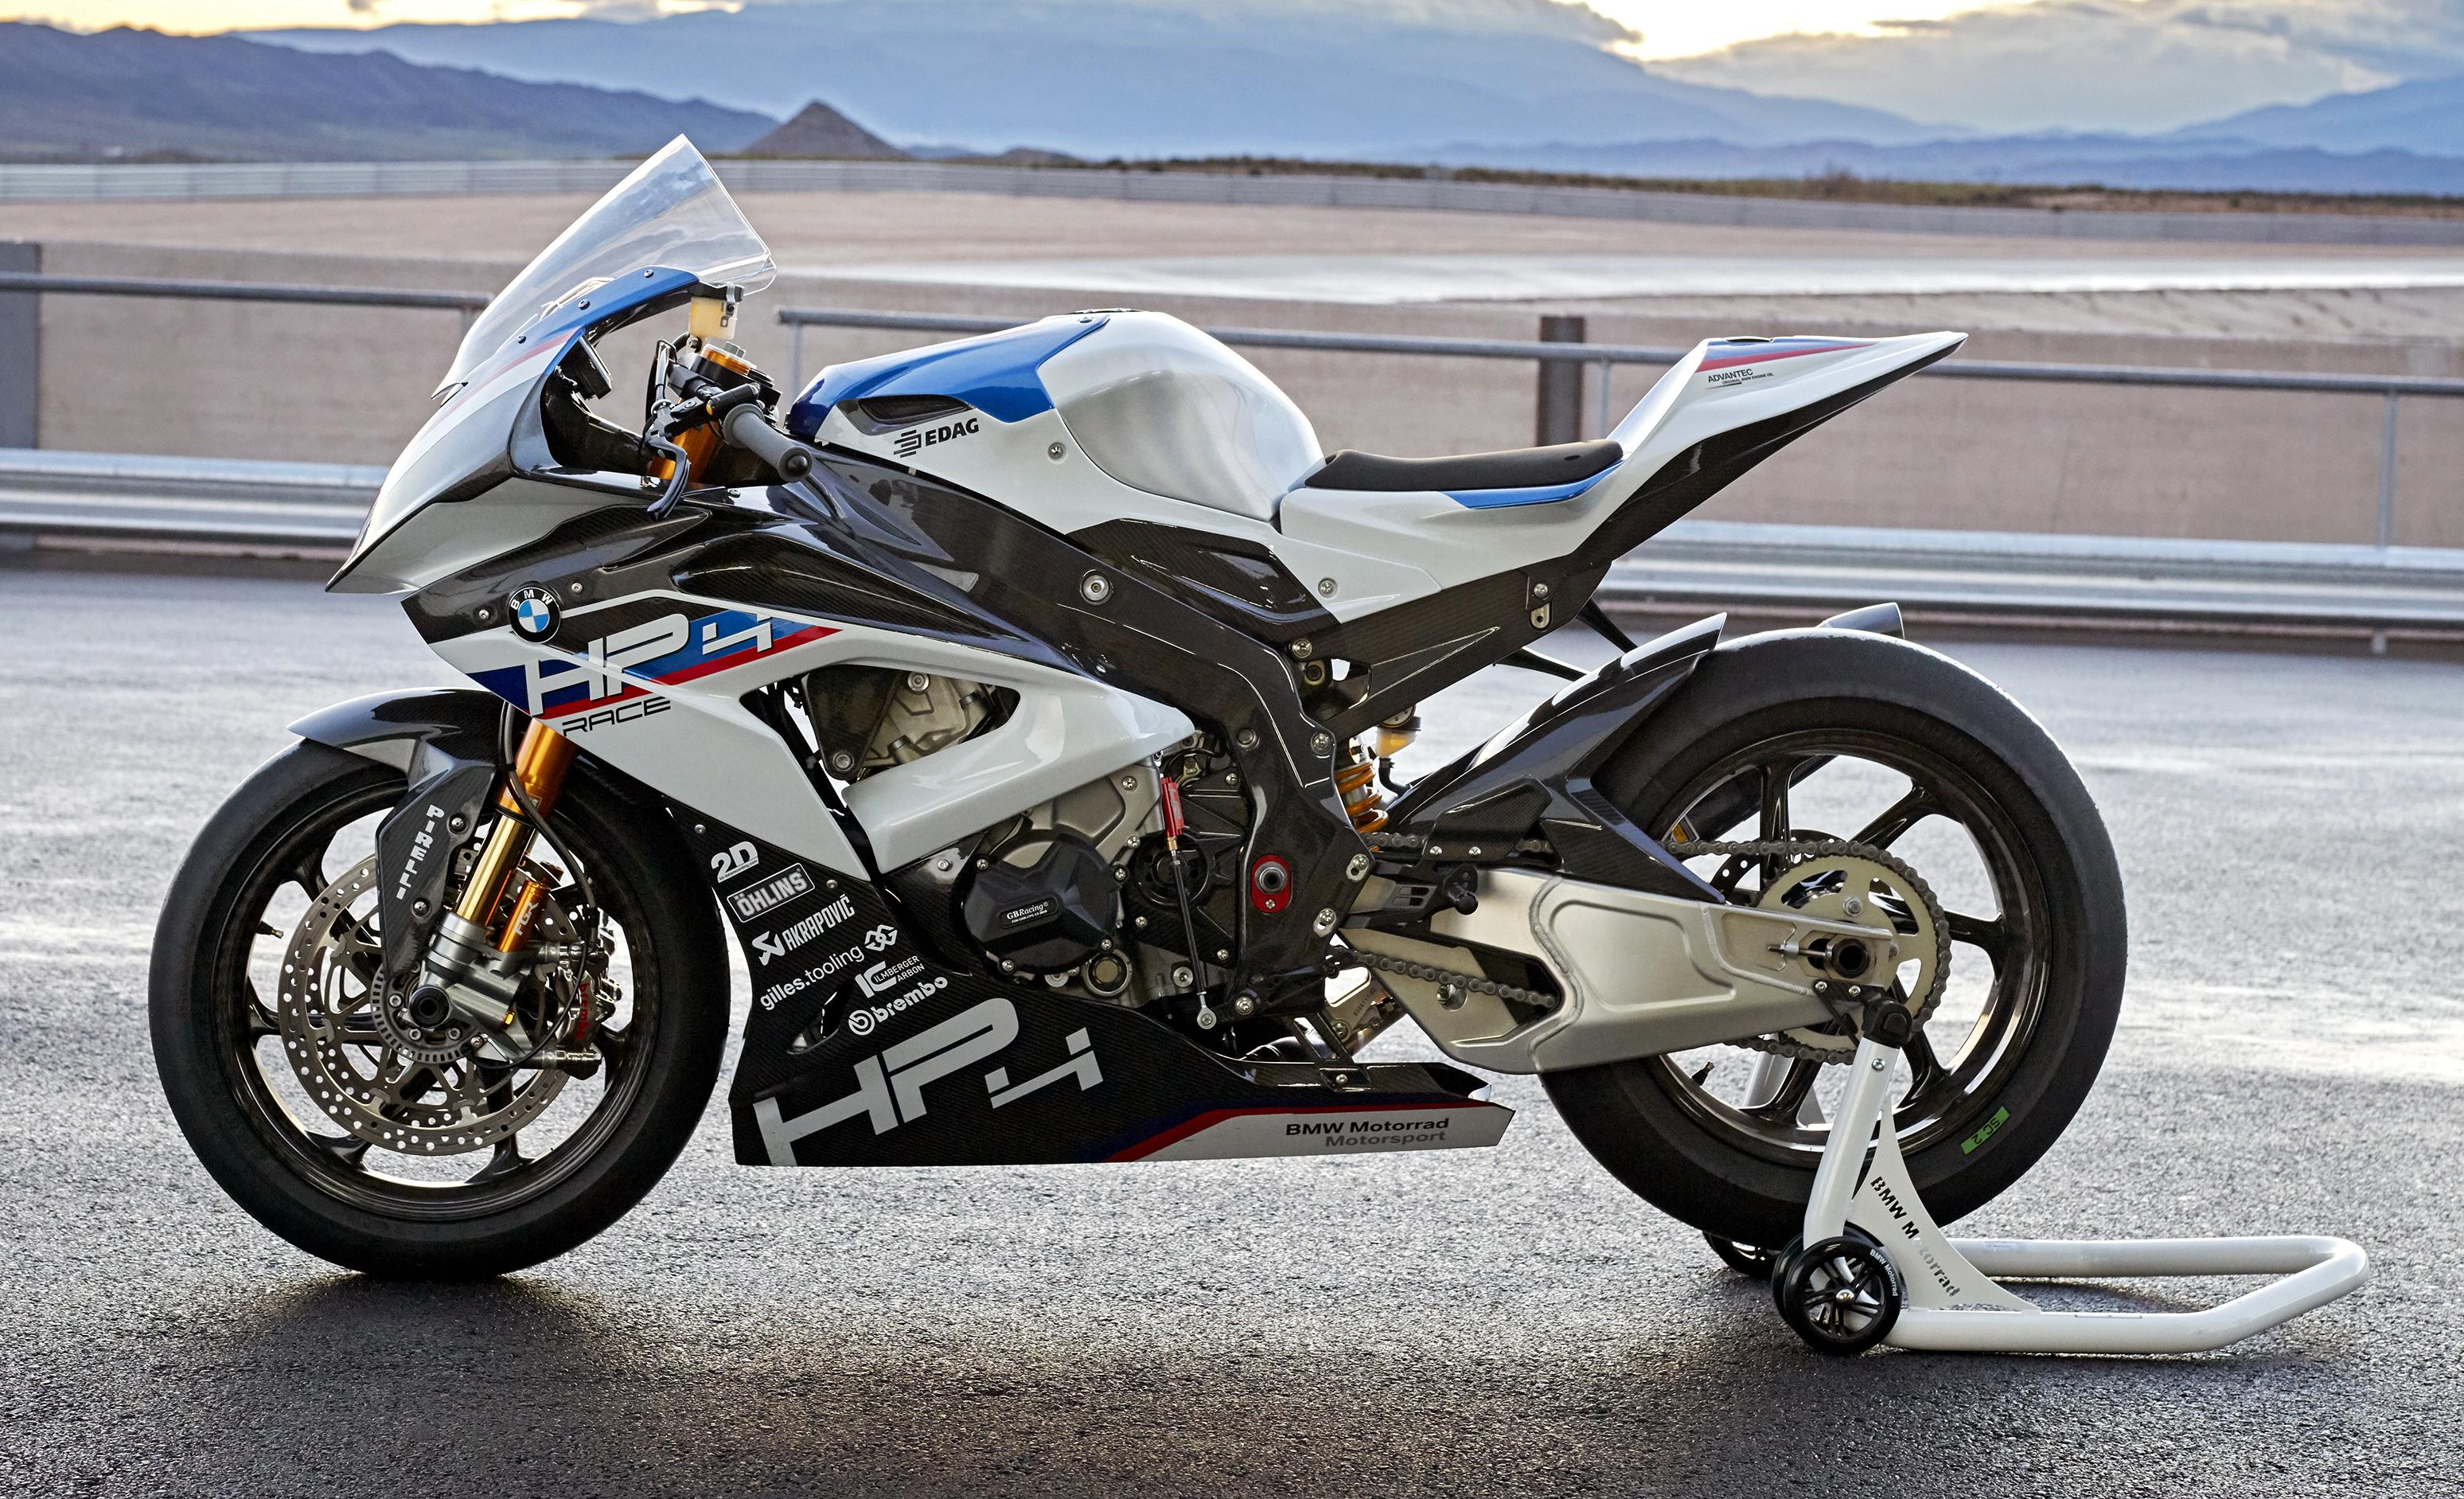 2017 Bmw Motorrad Hp4 Race Racing Motorcycle Released